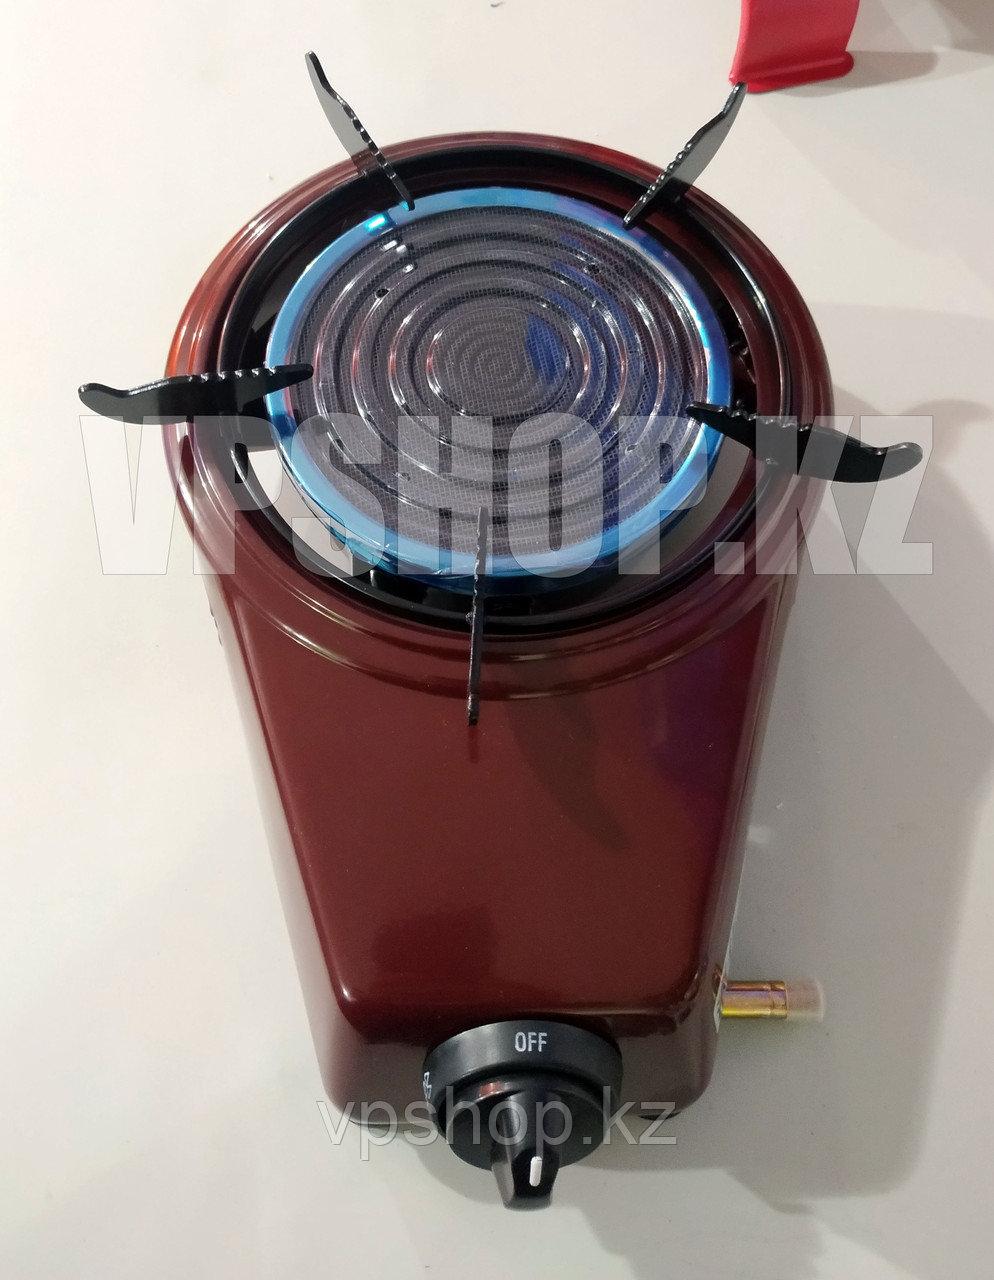 Инфракрасная настольная газовая плита одноконфорочная